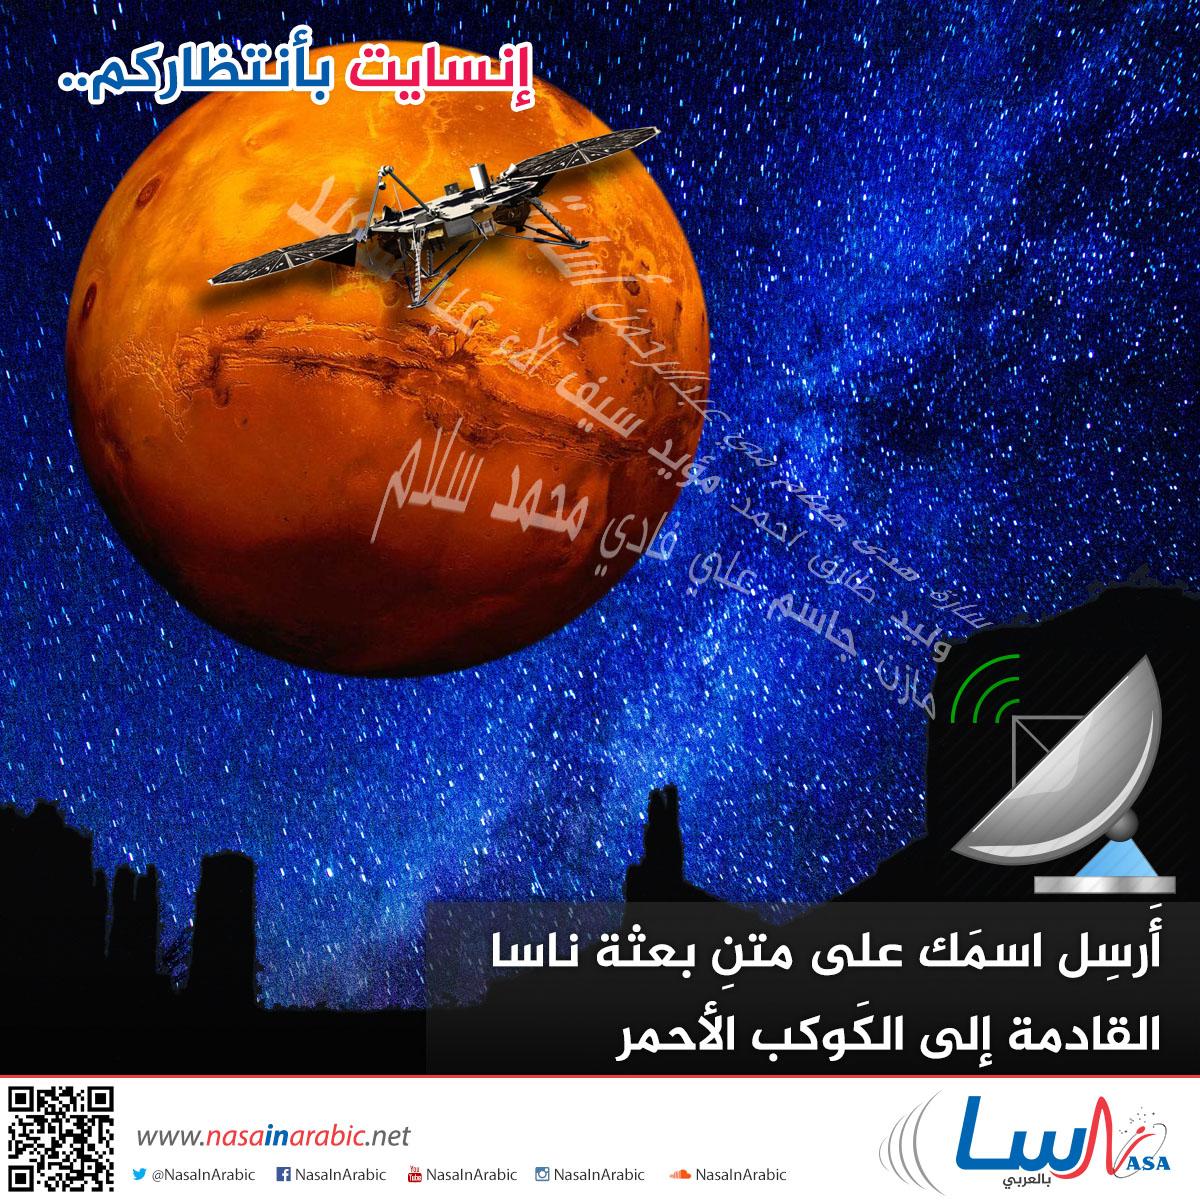 أَرسِل اسمَك على متنِ بعثة ناسا القادمة إلى الكَوكب الأحمر